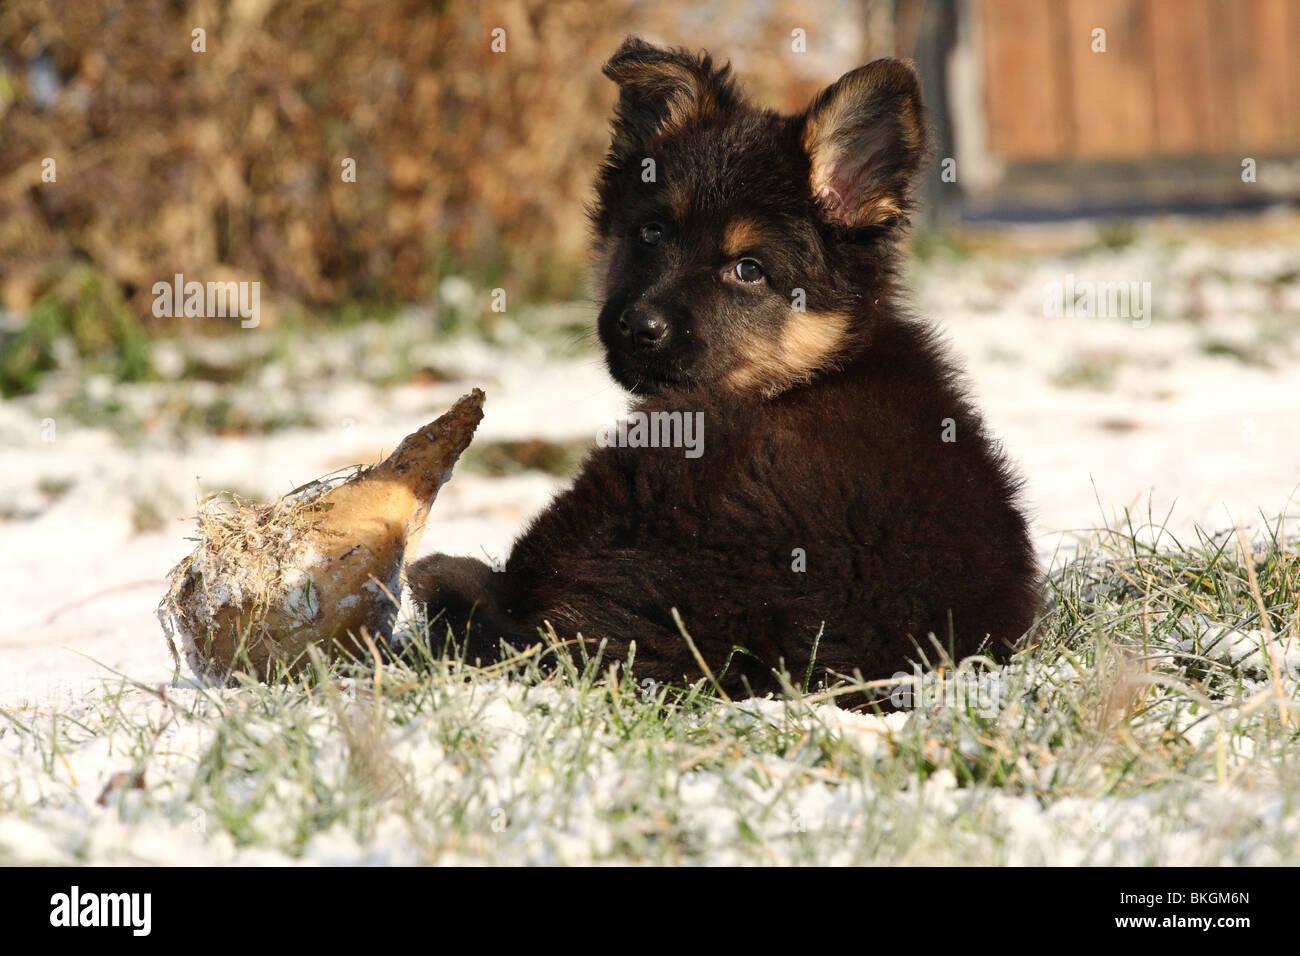 Chodsky Pes Welpe / Chodsky Pes Puppy Stock Photo, Royalty Free Image: 29255933 - Alamy